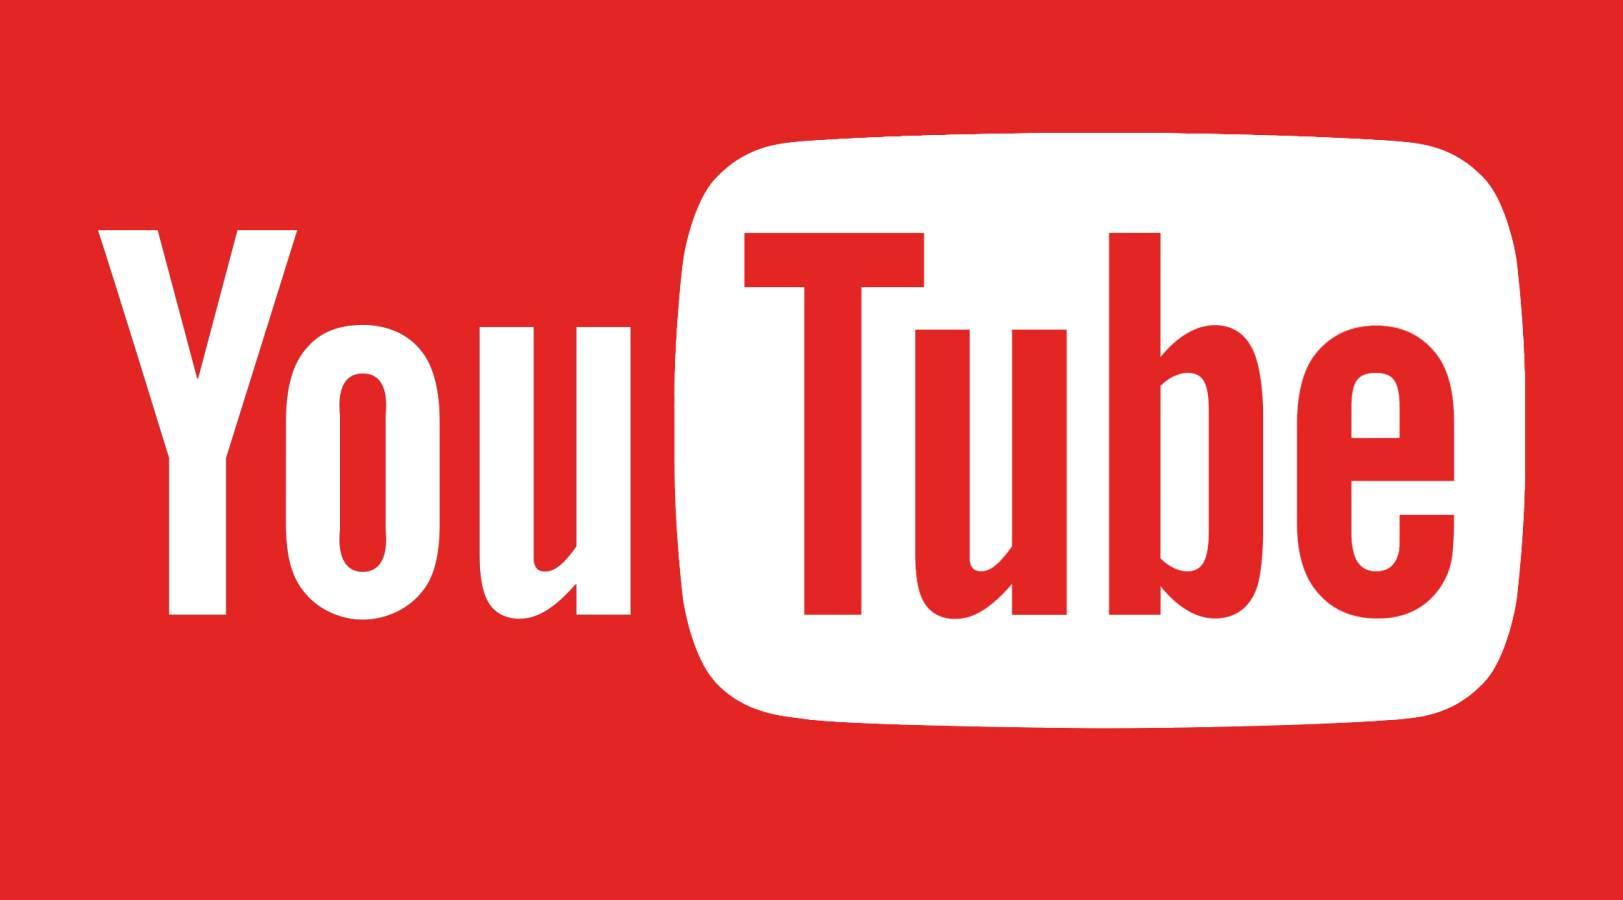 YouTube Actualizarea cu Noutati Oferita pentru Utilizatori